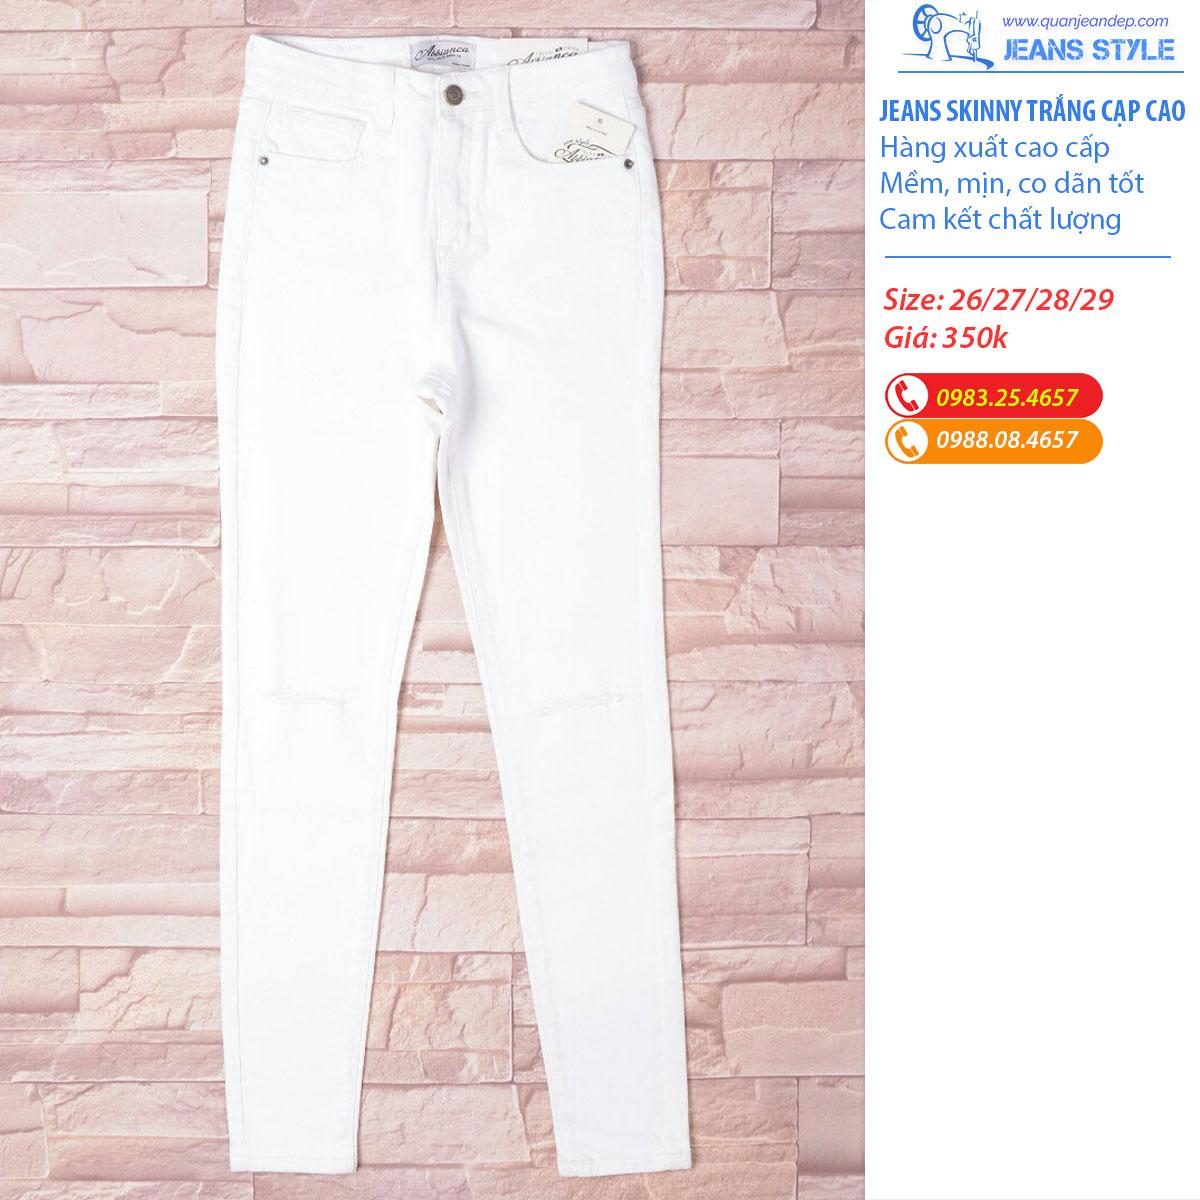 Quần jeans skinny nữ trắng cạp cao Giá:350.000,00 ₫